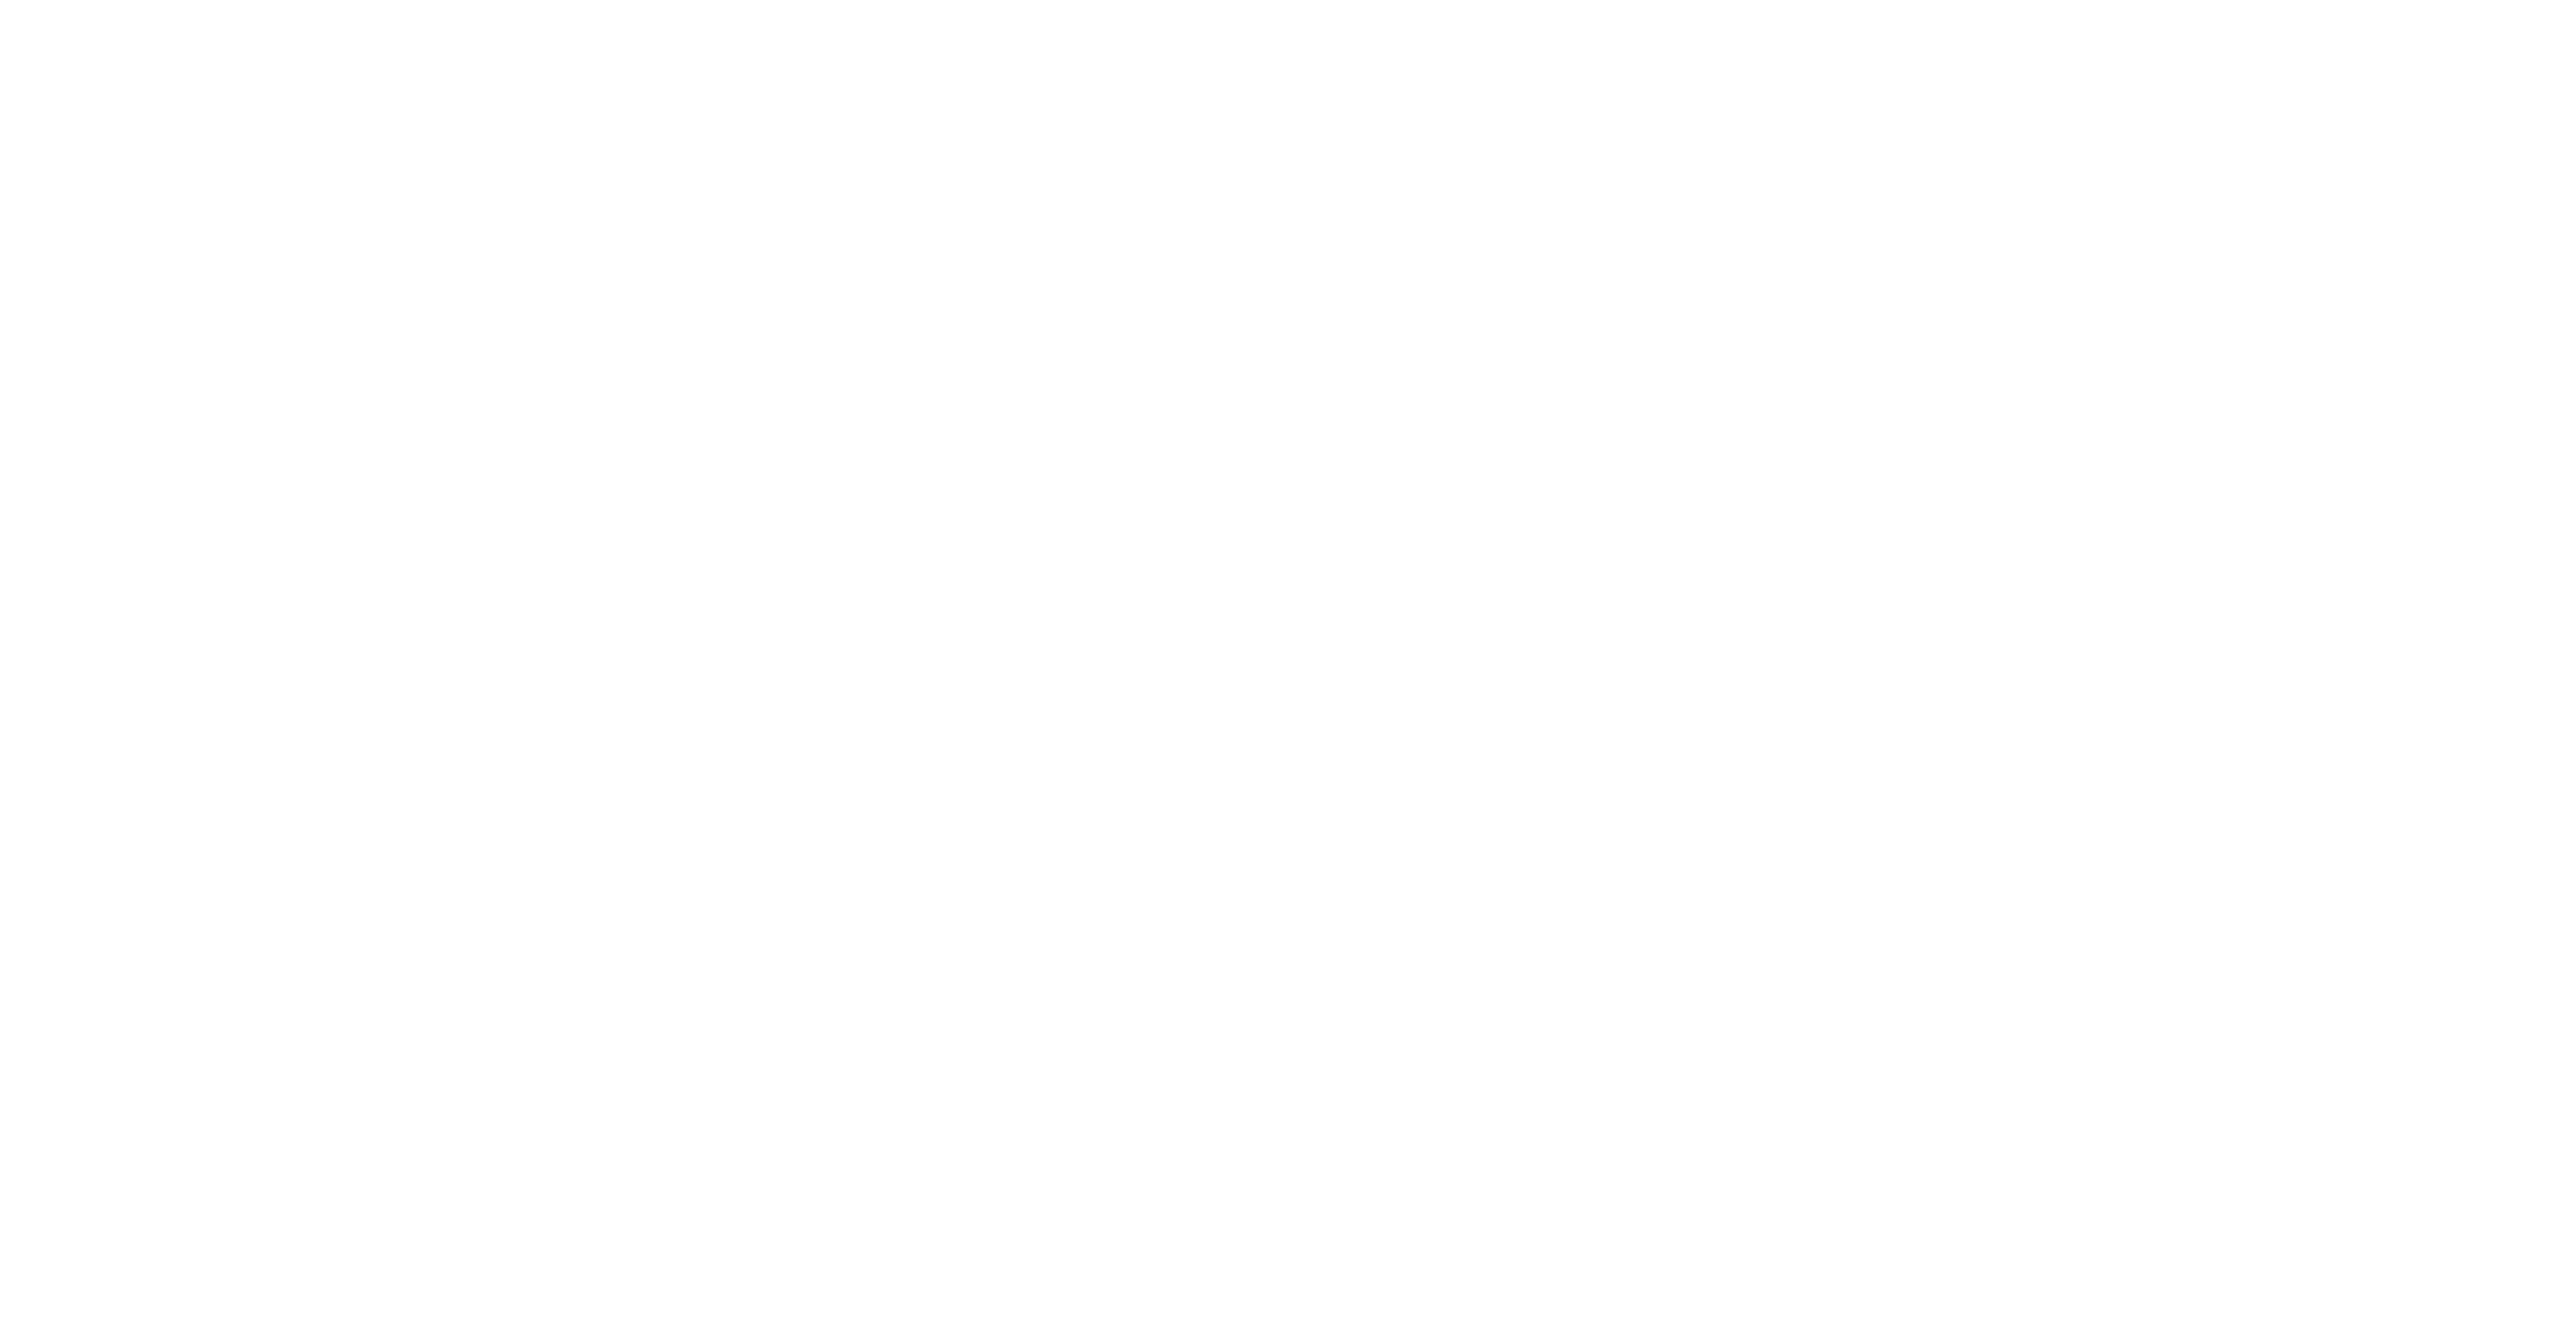 iABUk